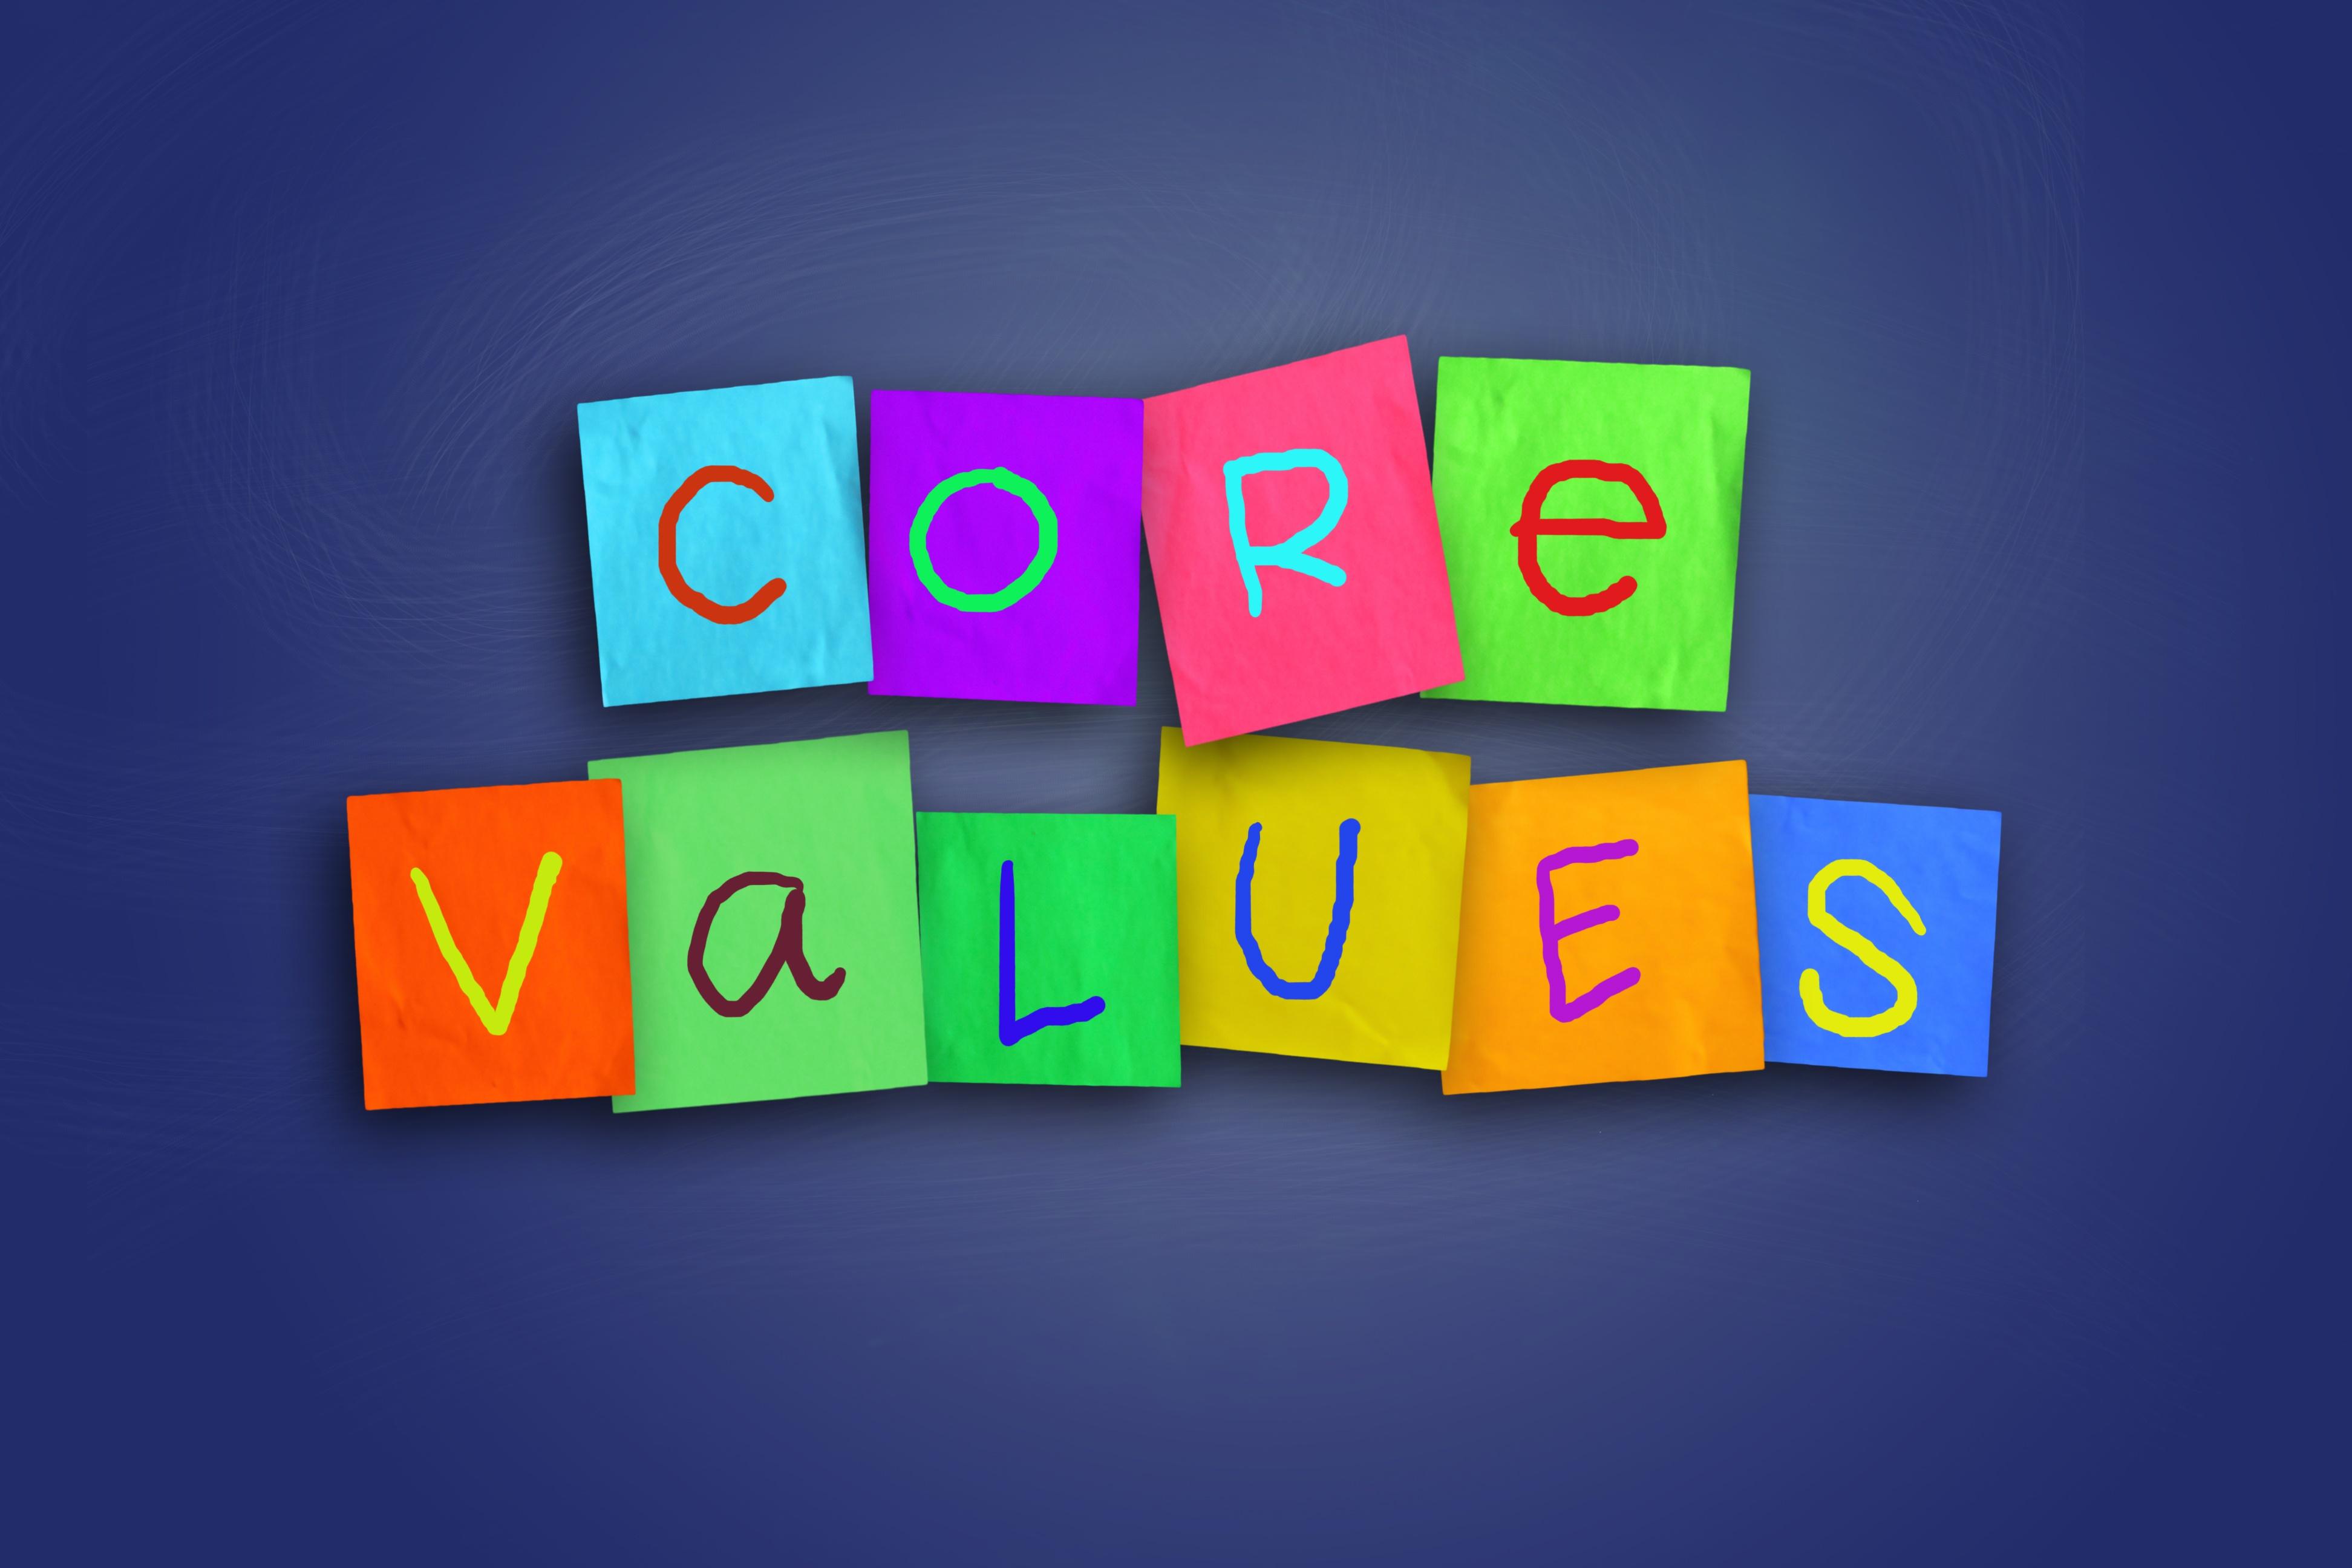 企业文化 – 企业的中心价值基础